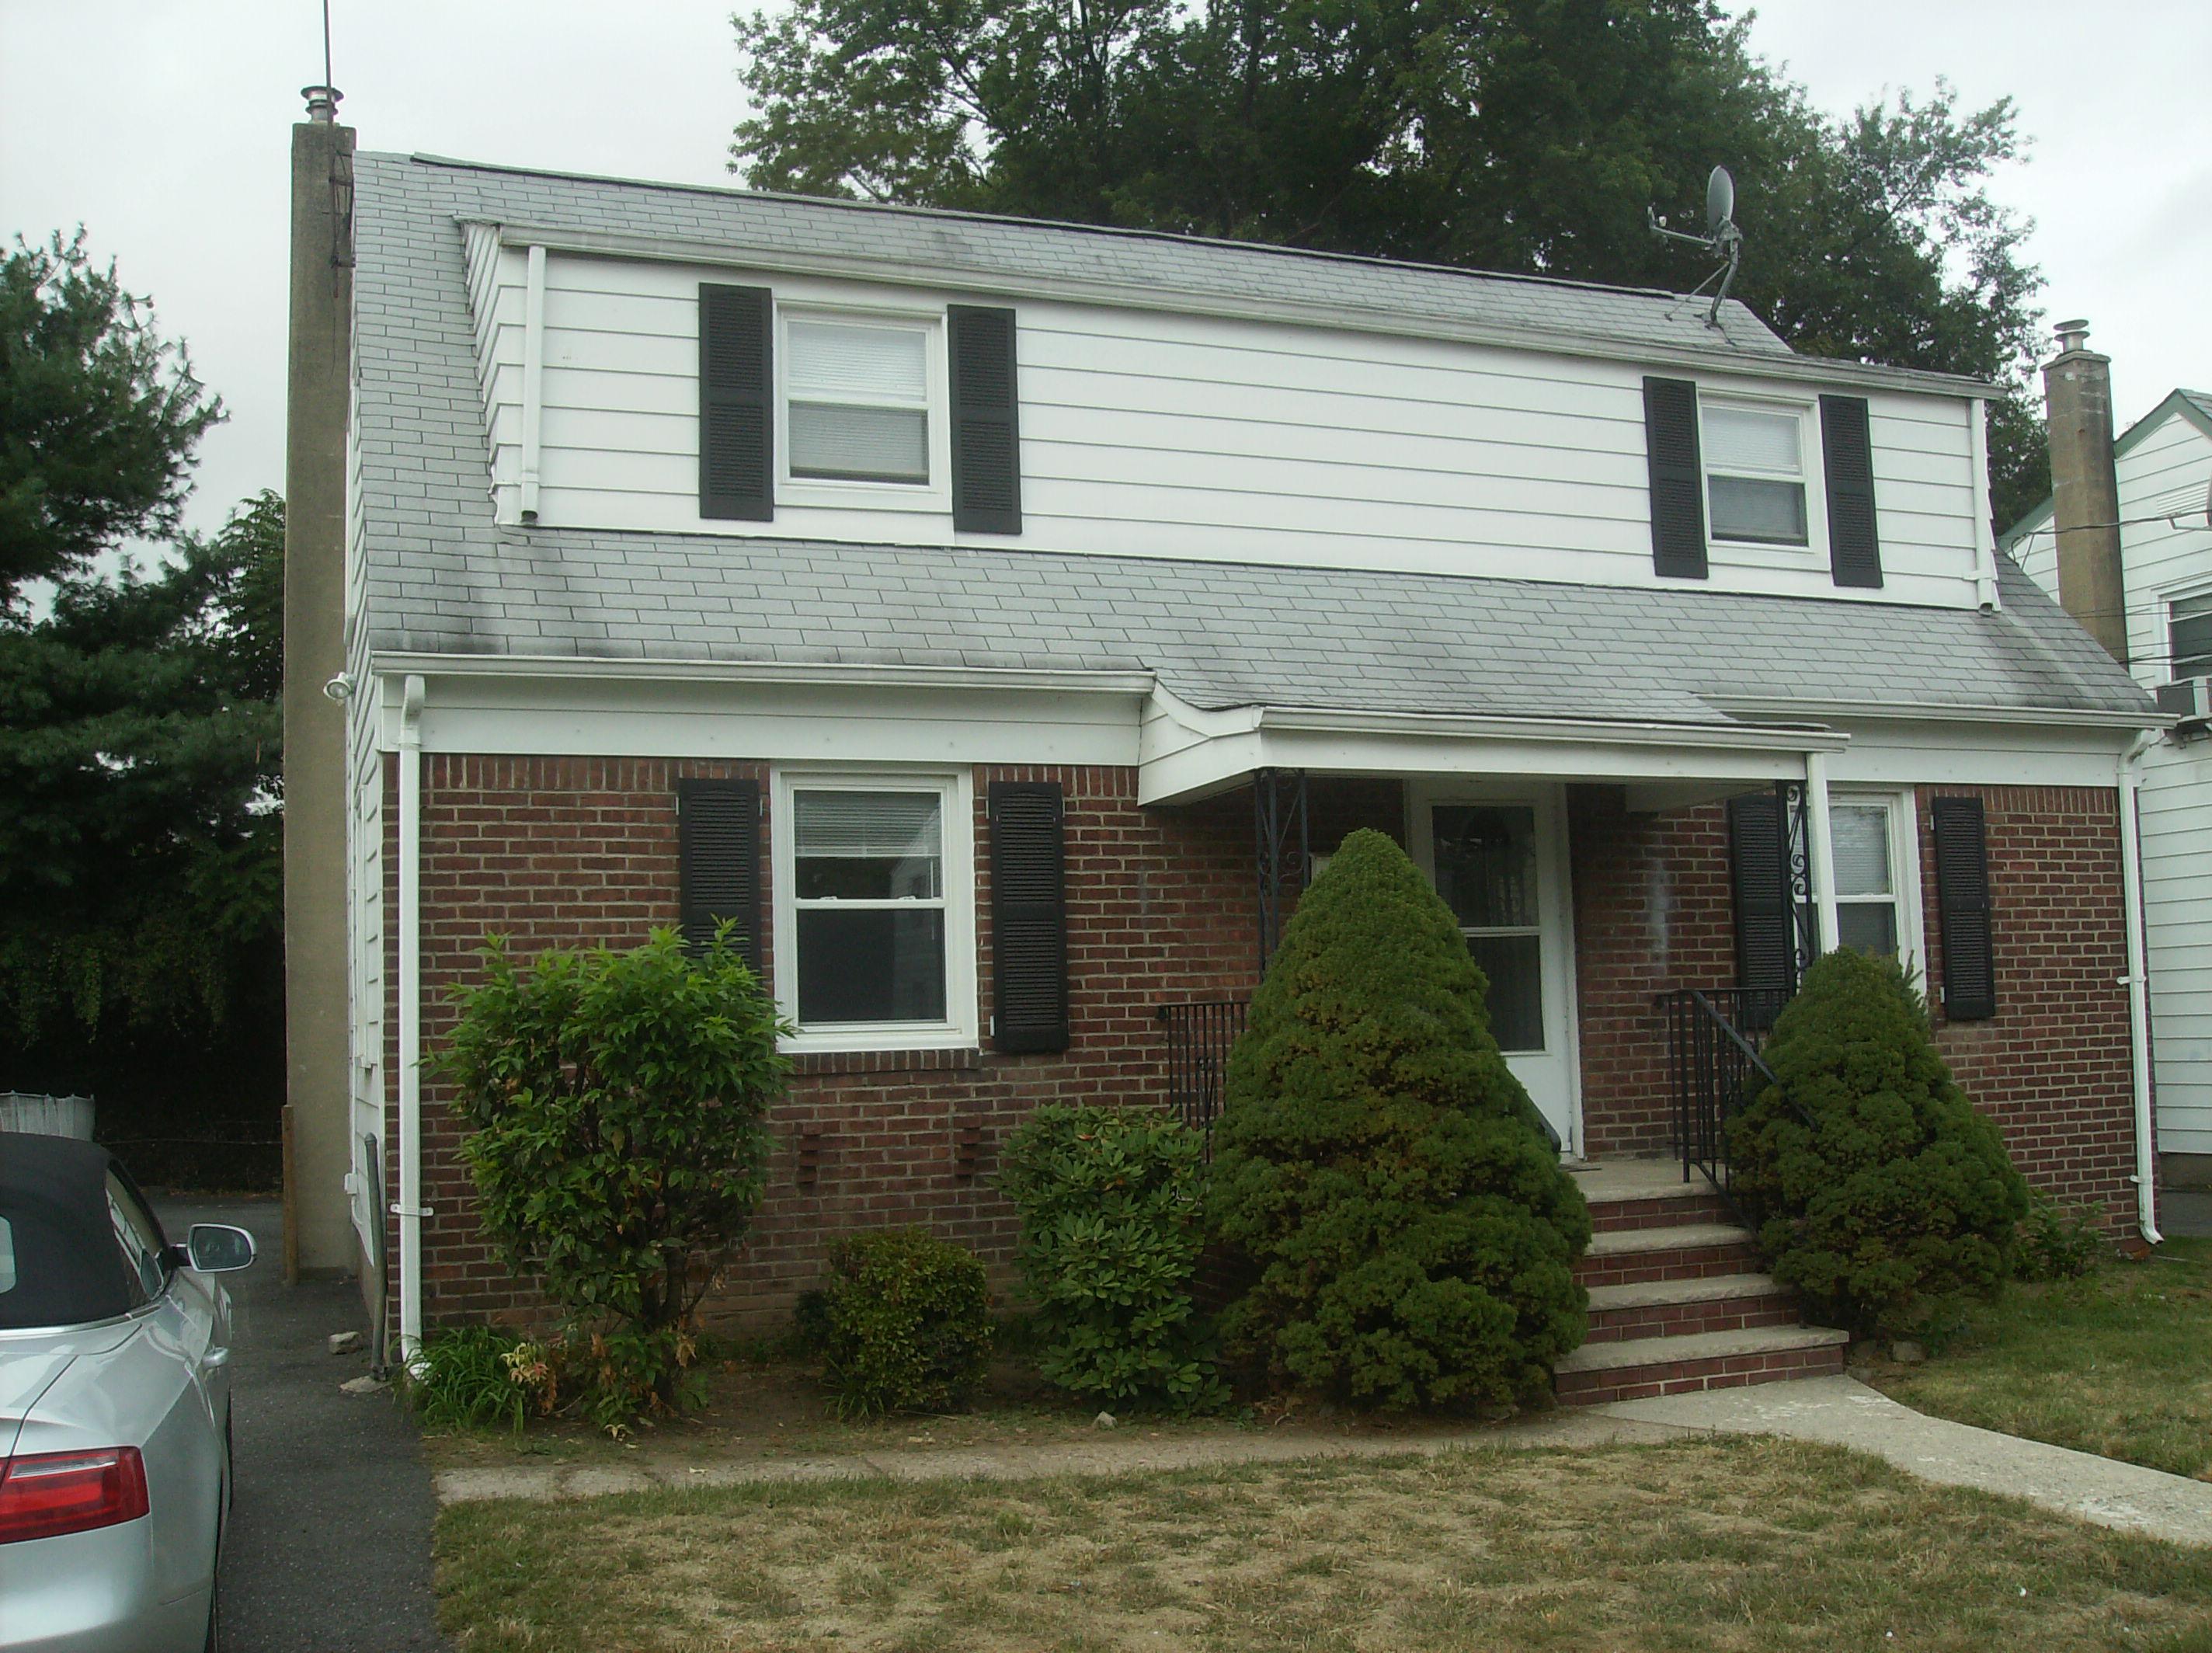 17-24 11th Street, Fair Lawn, New Jersey 07410